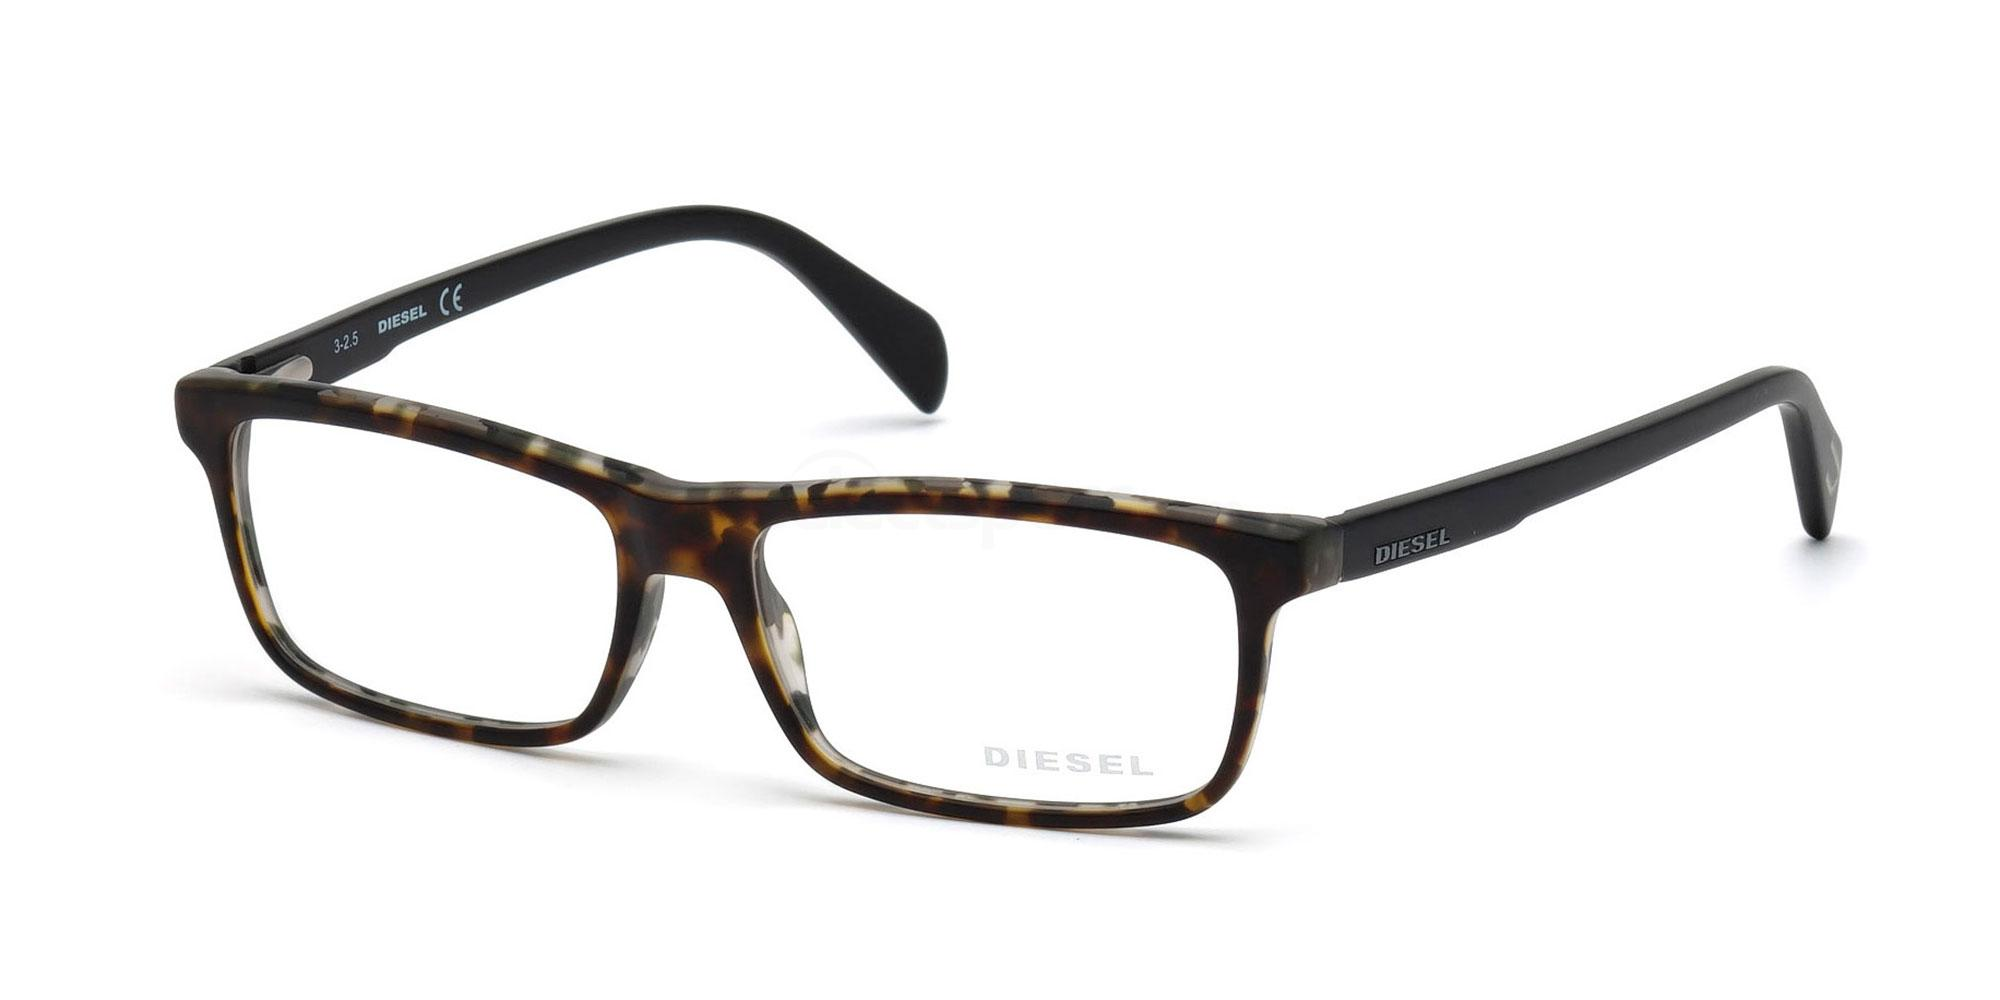 055 DL5203 Glasses, Diesel